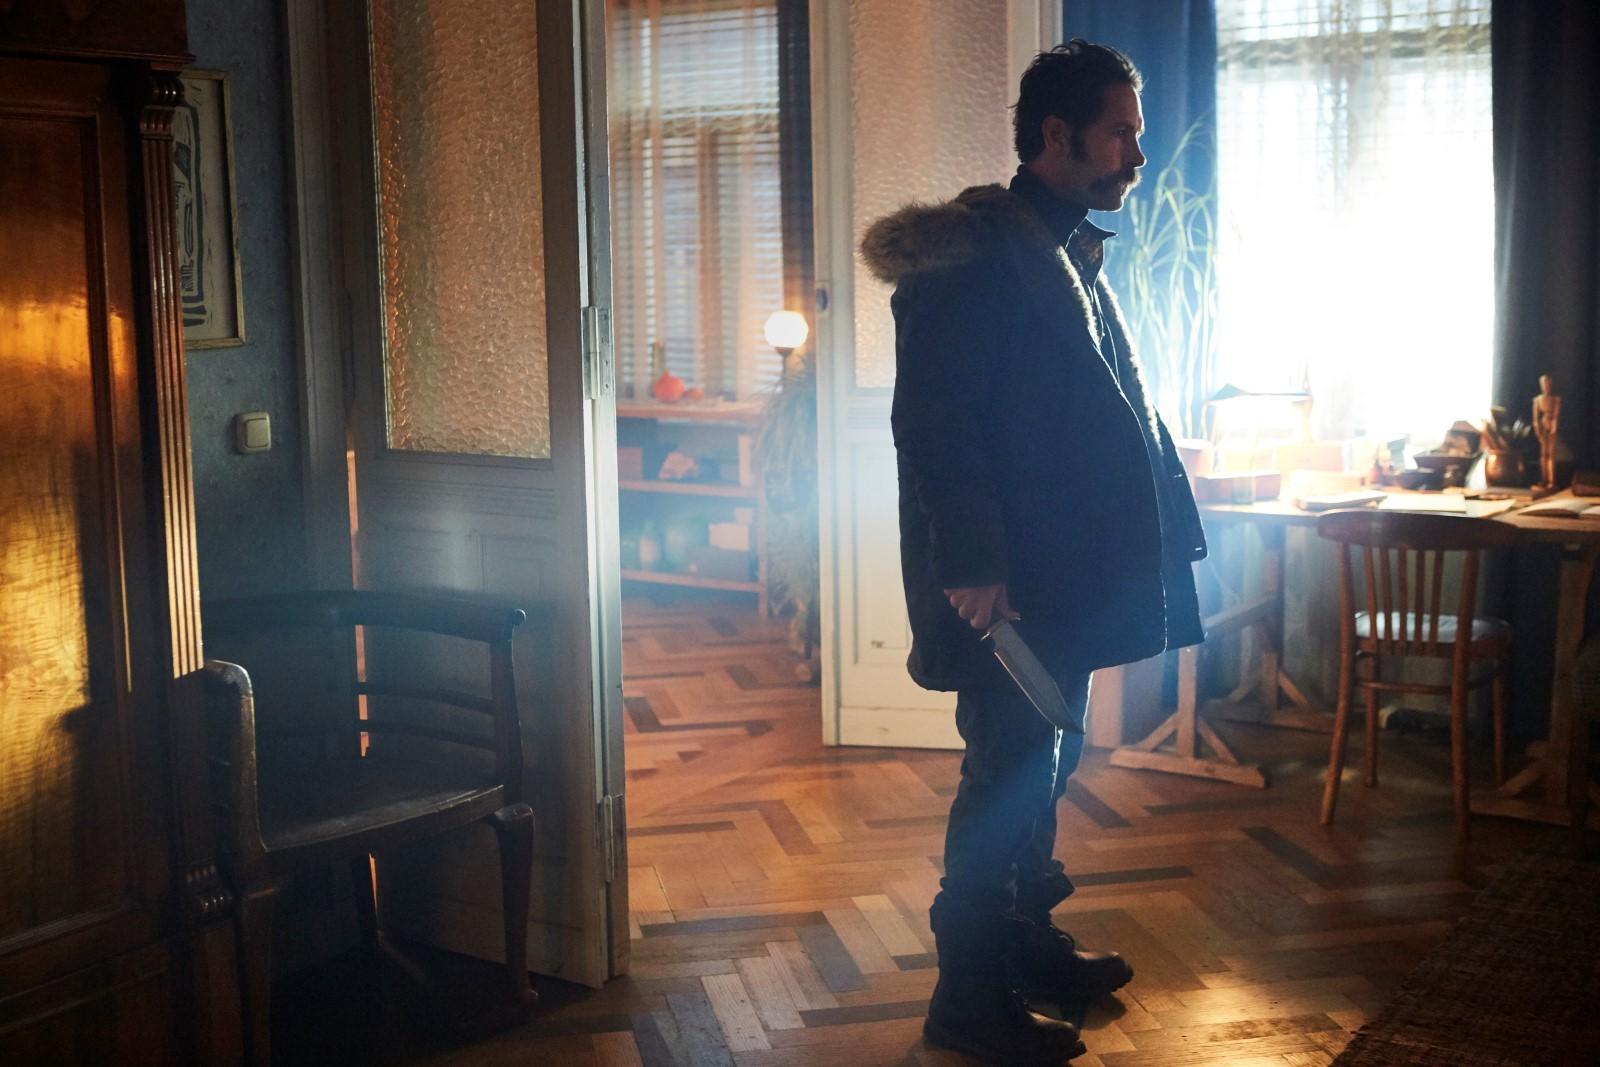 Sessiz Kahraman Filmi Türkçe Dublaj indir Ekran Görüntüsü 1